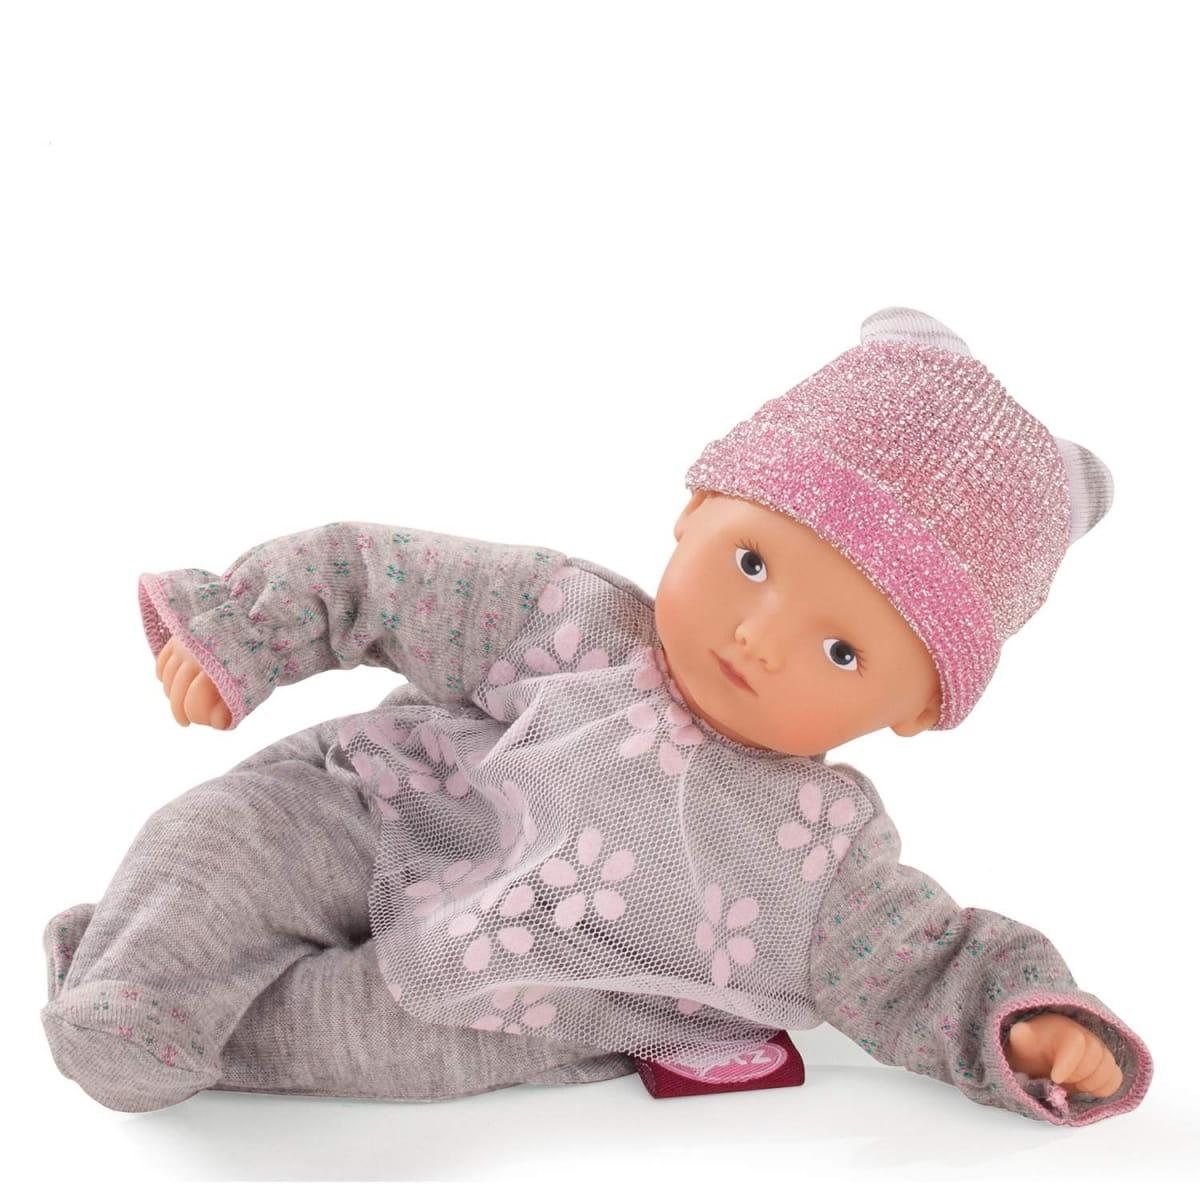 Кукла - пупс GOTZ Мини-Маффин - 22 см (в сером костюмчике с ромашками)